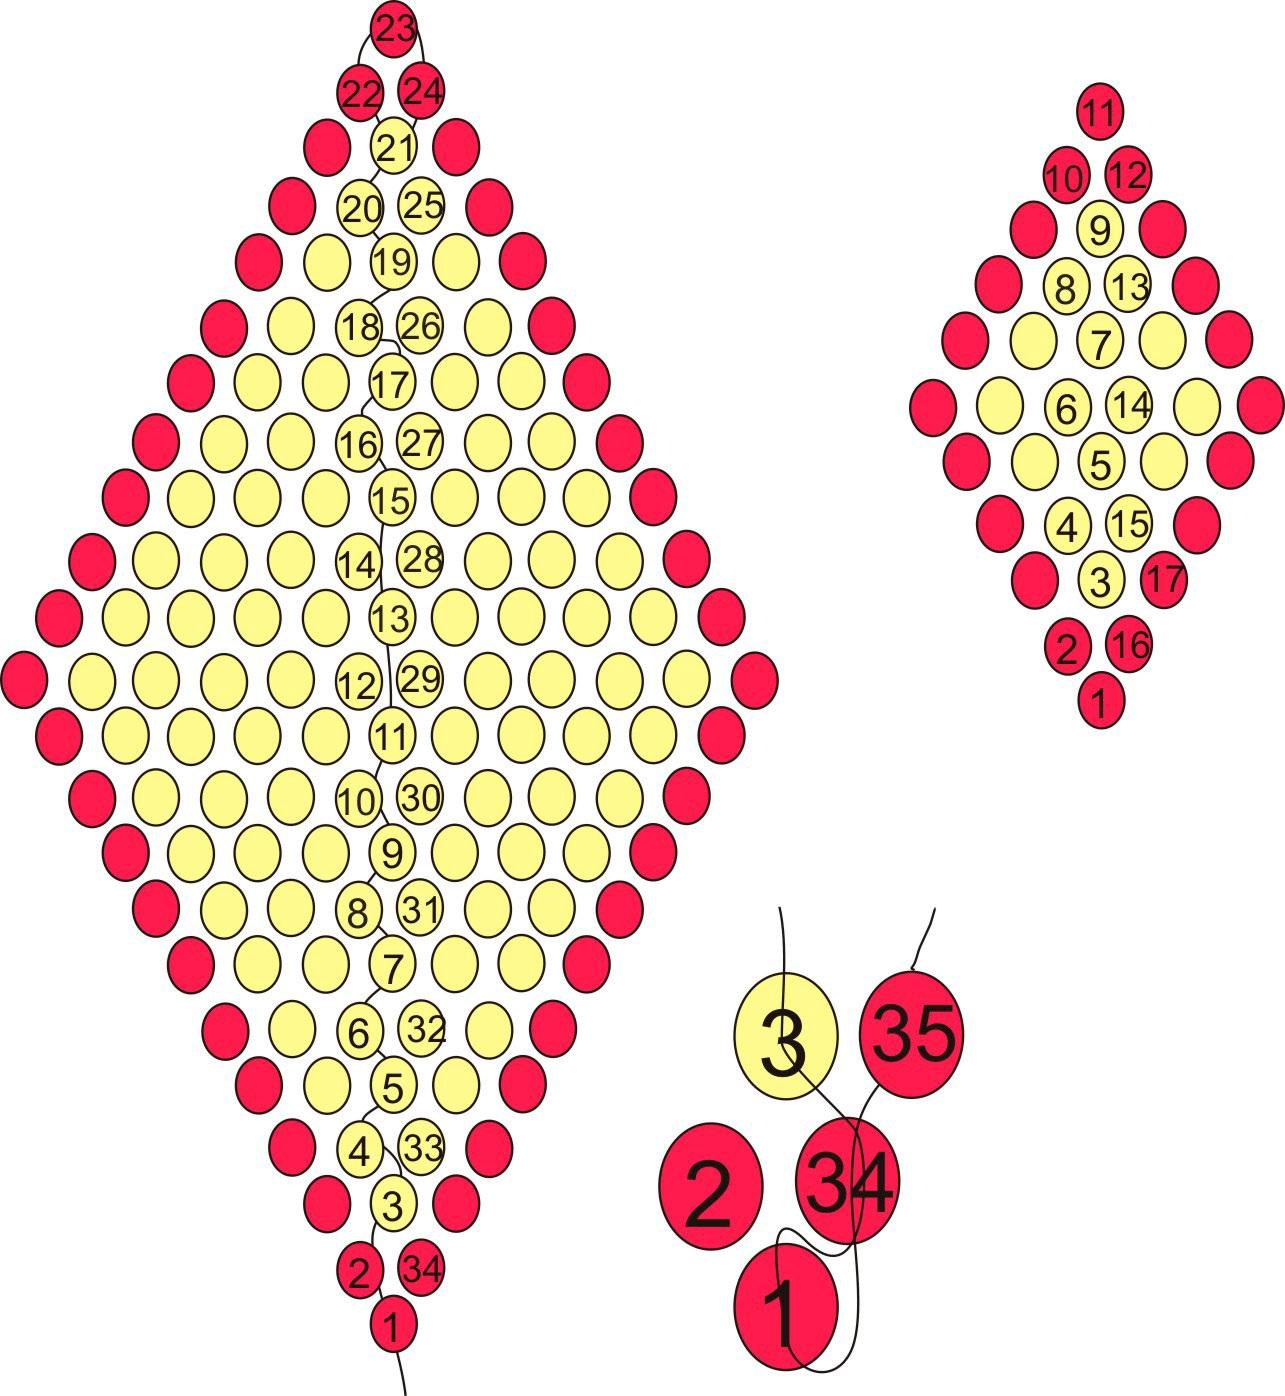 Серьги из бисера своими руками - мастер классы для рукодельниц